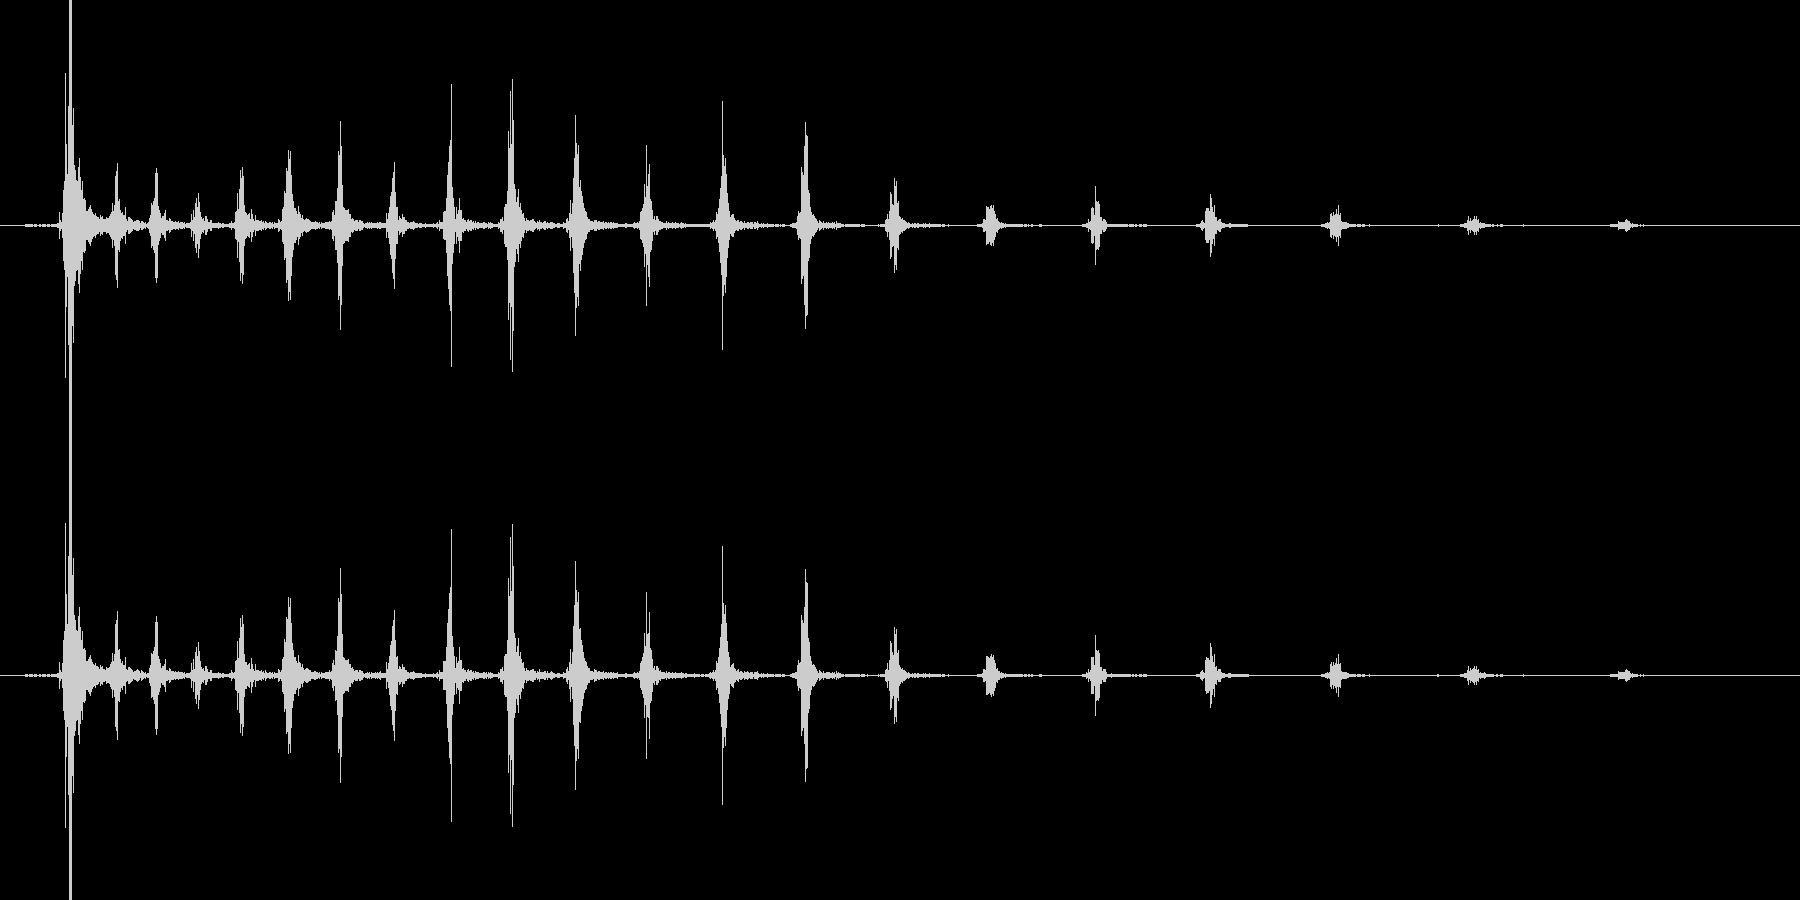 ピチュルルル・・・ル・ル・・ンの未再生の波形